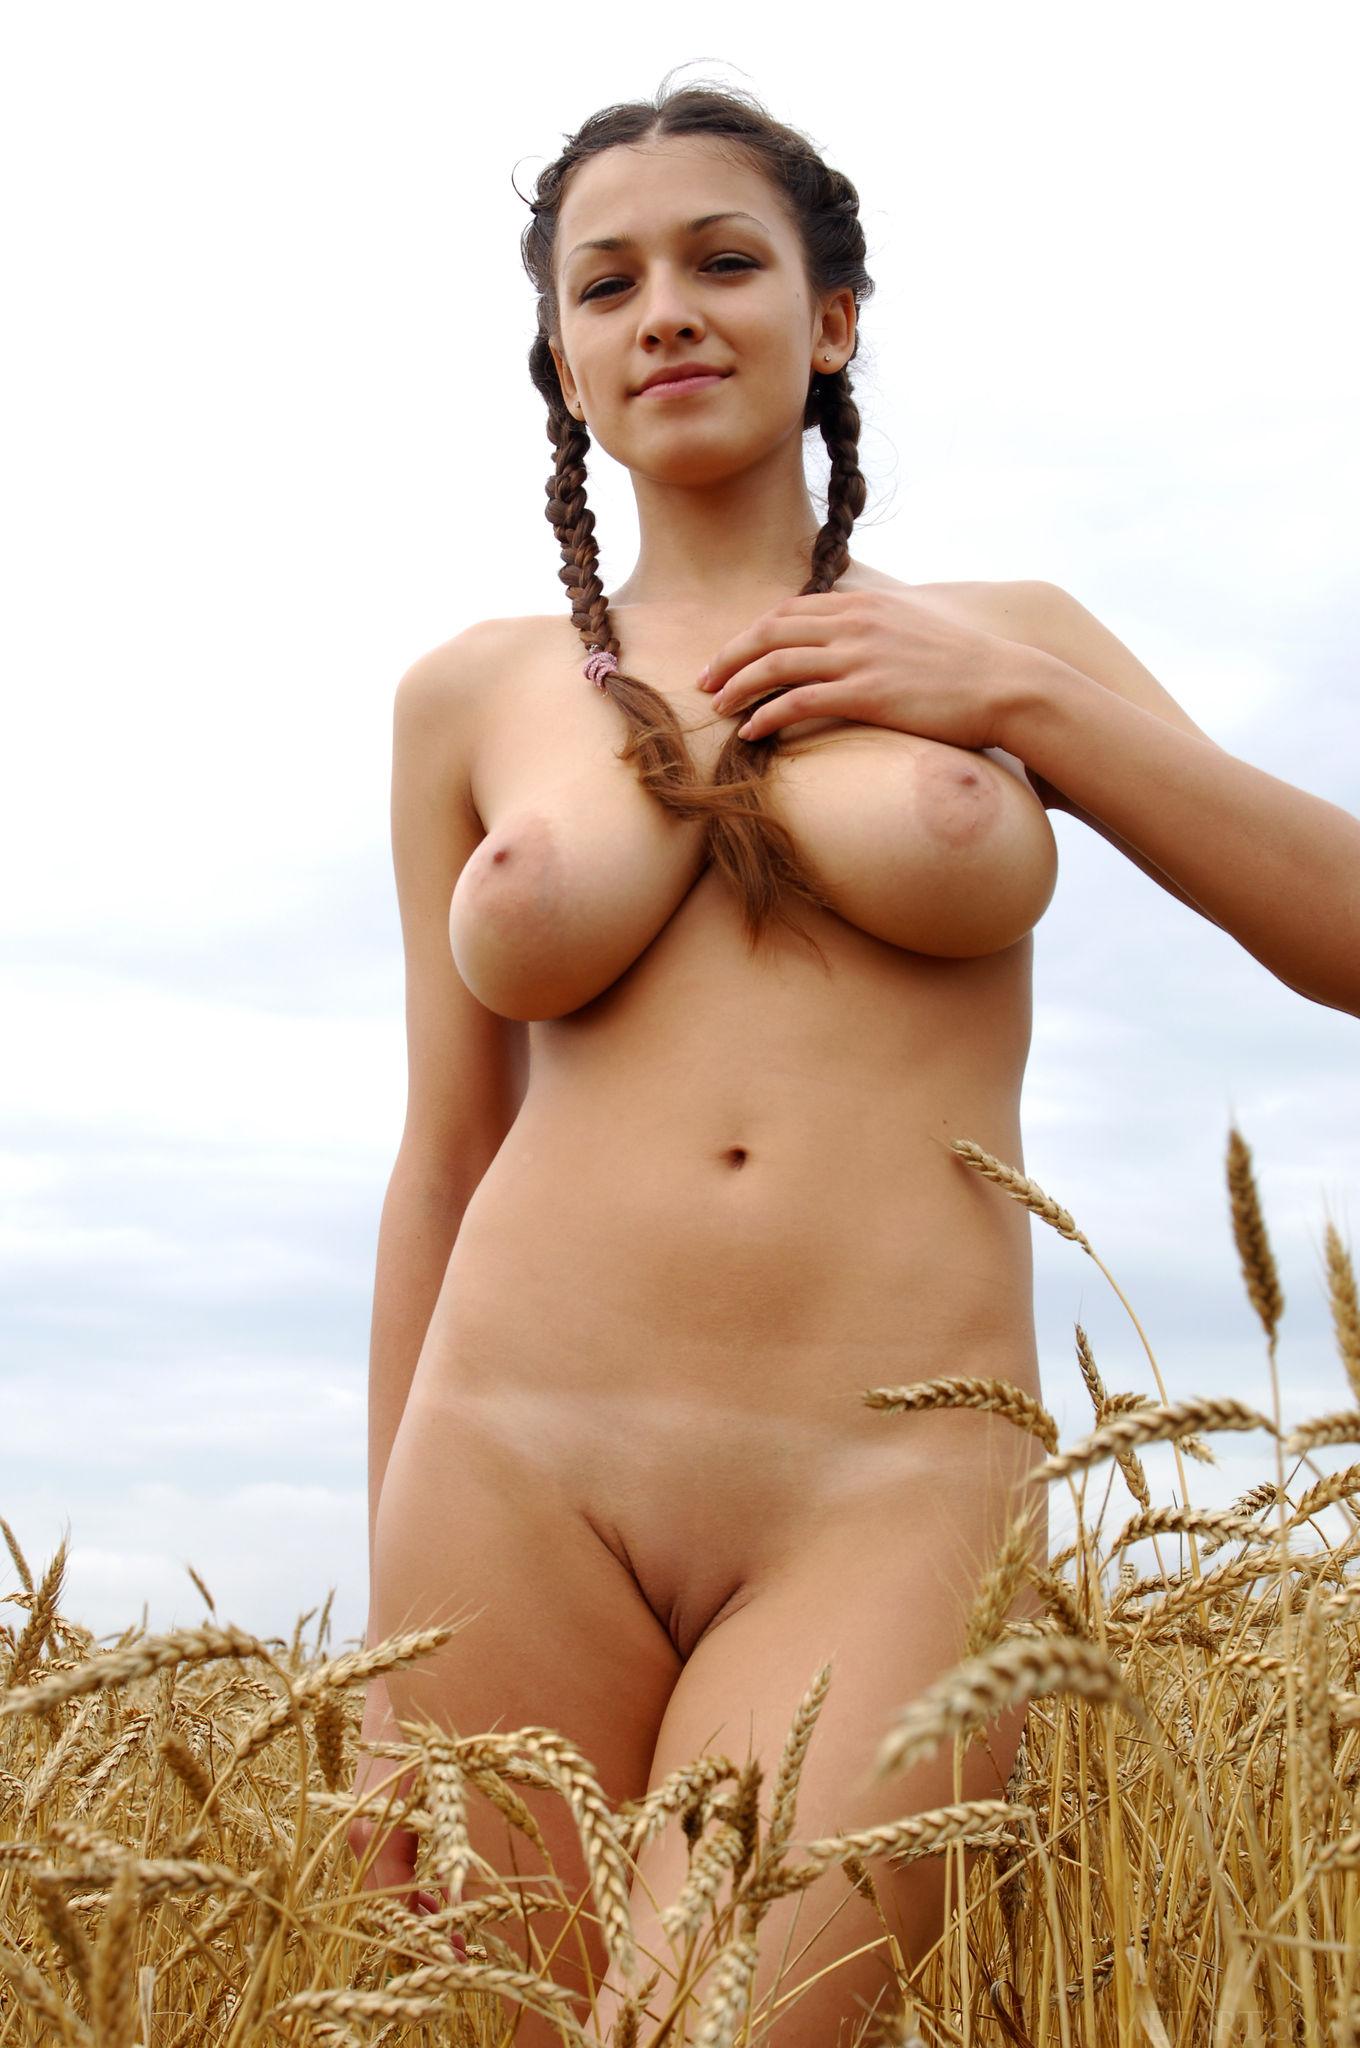 Фото голых пышногрудых женщин 1 фотография